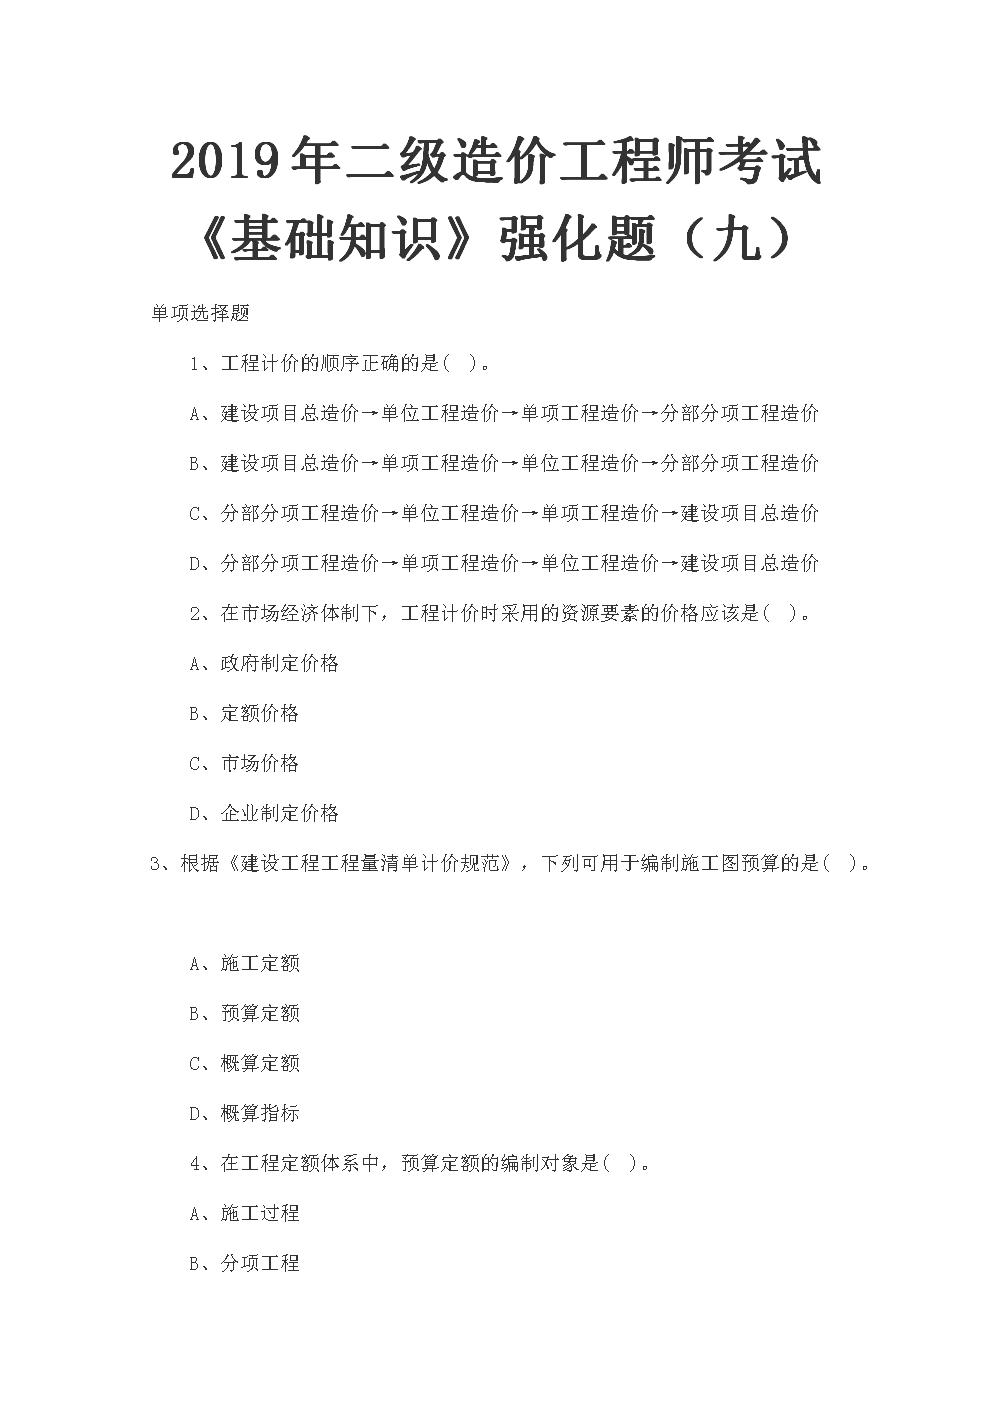 2019年二级造价工程师考试《基础知识》强化题(九).docx